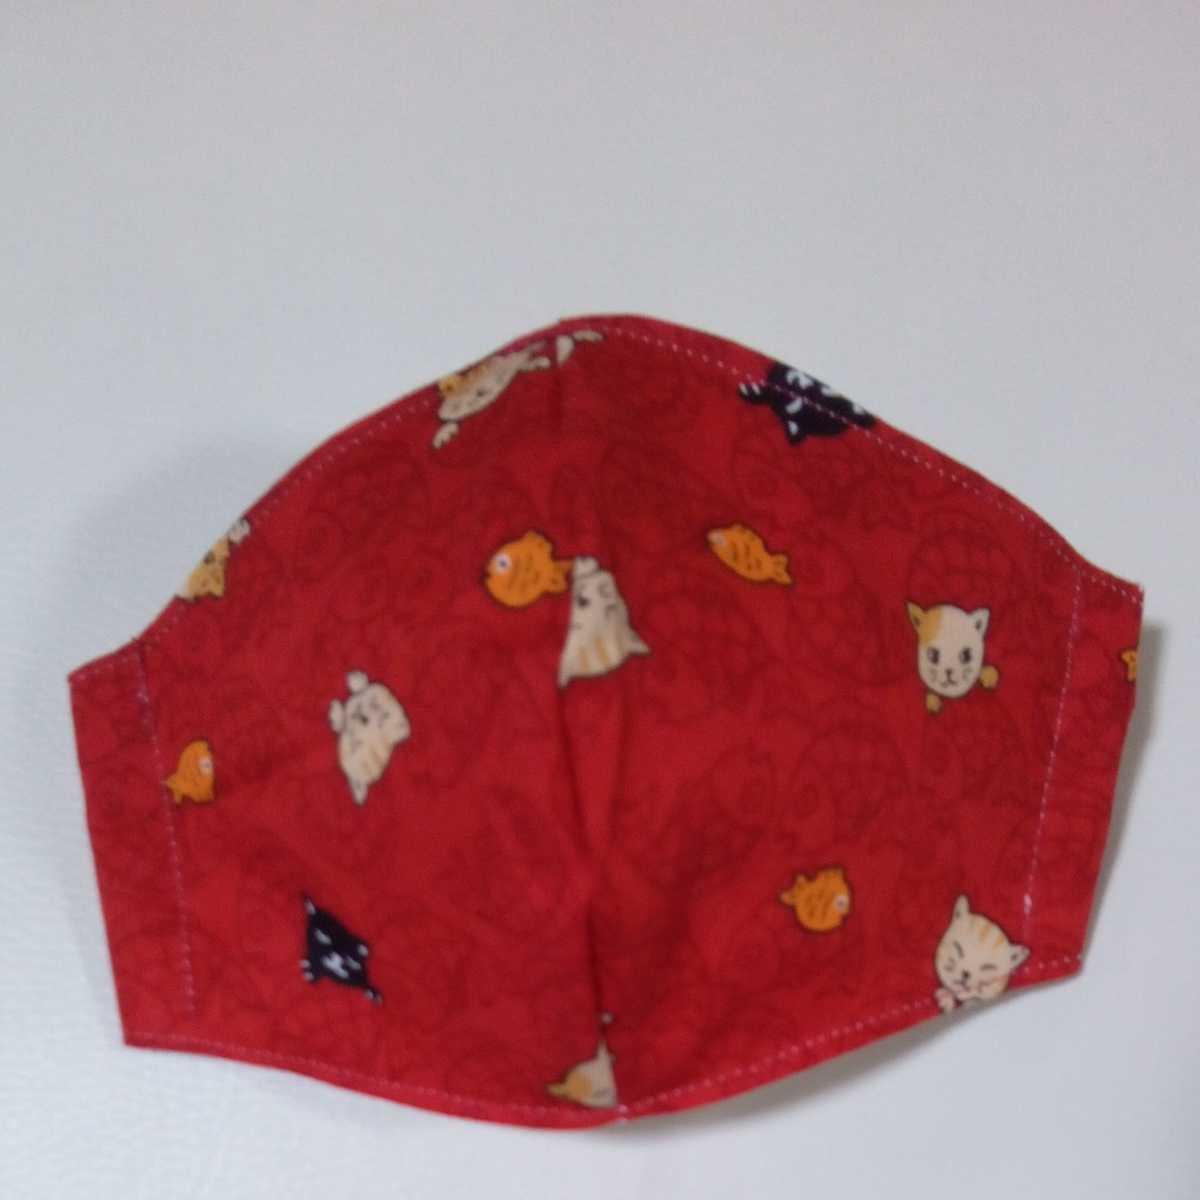 猫に鯛 魚 ネコ 立体型 インナーマスク Sサイズ(幼児~小学校低学年 子供)ハンドメイド S00035_画像1